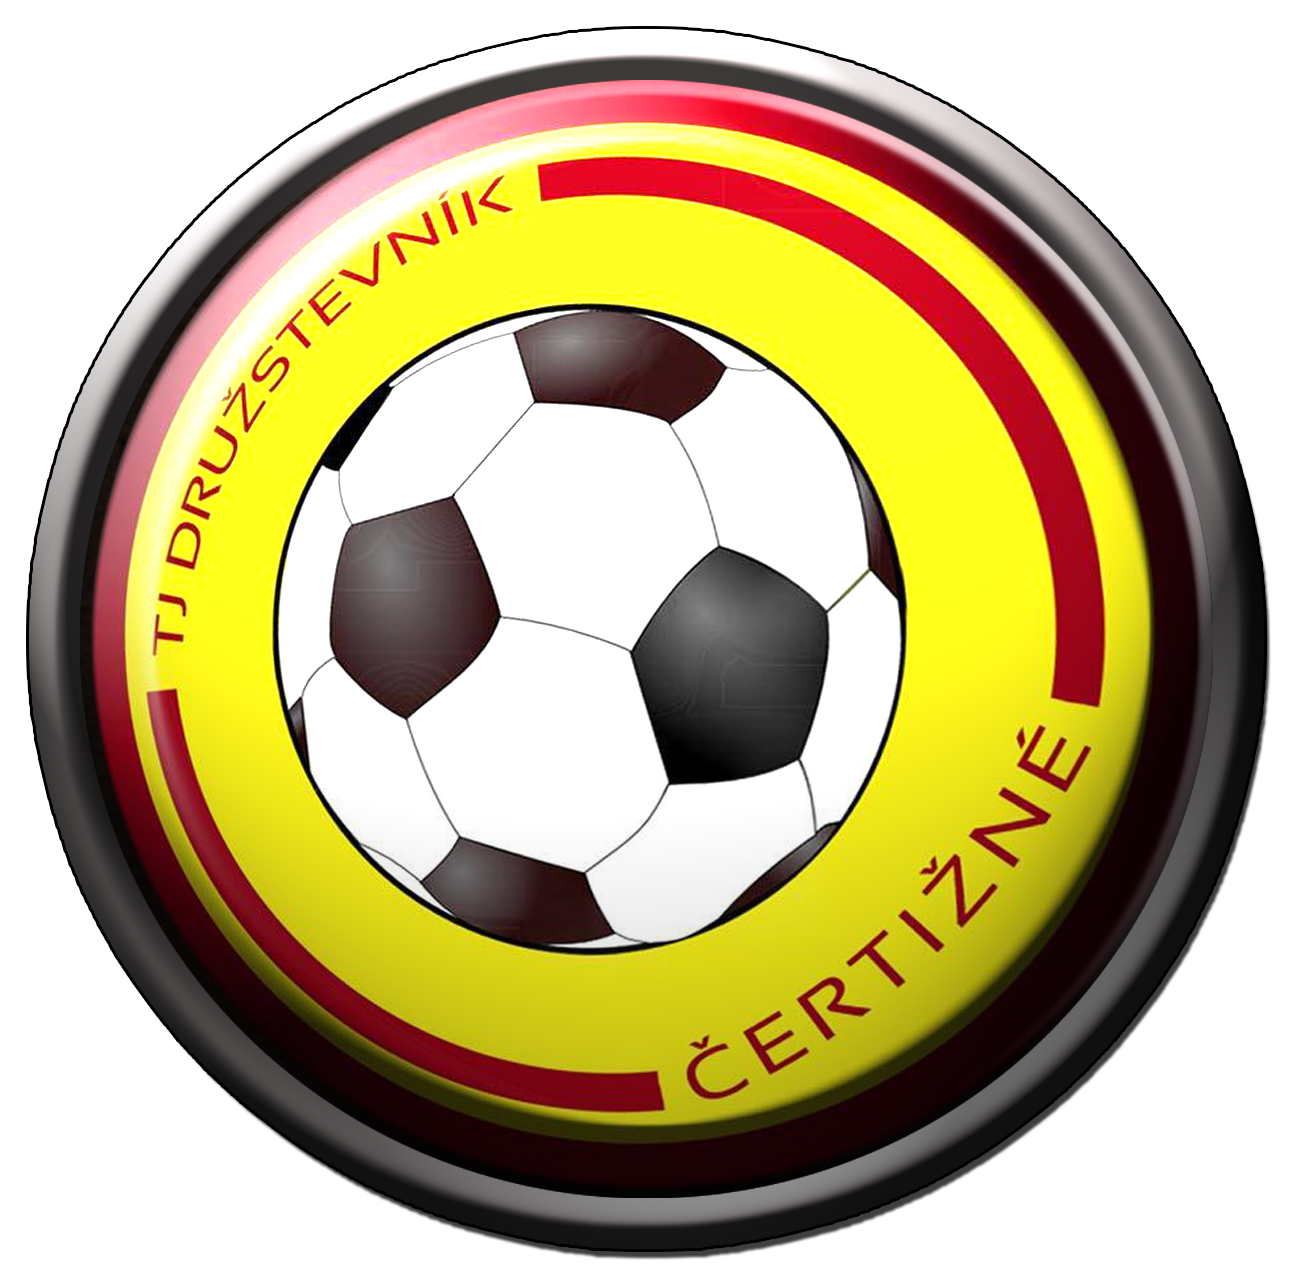 Tj Druzstevnik Certizne Football Logo Slovakia Football Logo Soccer Logo Football